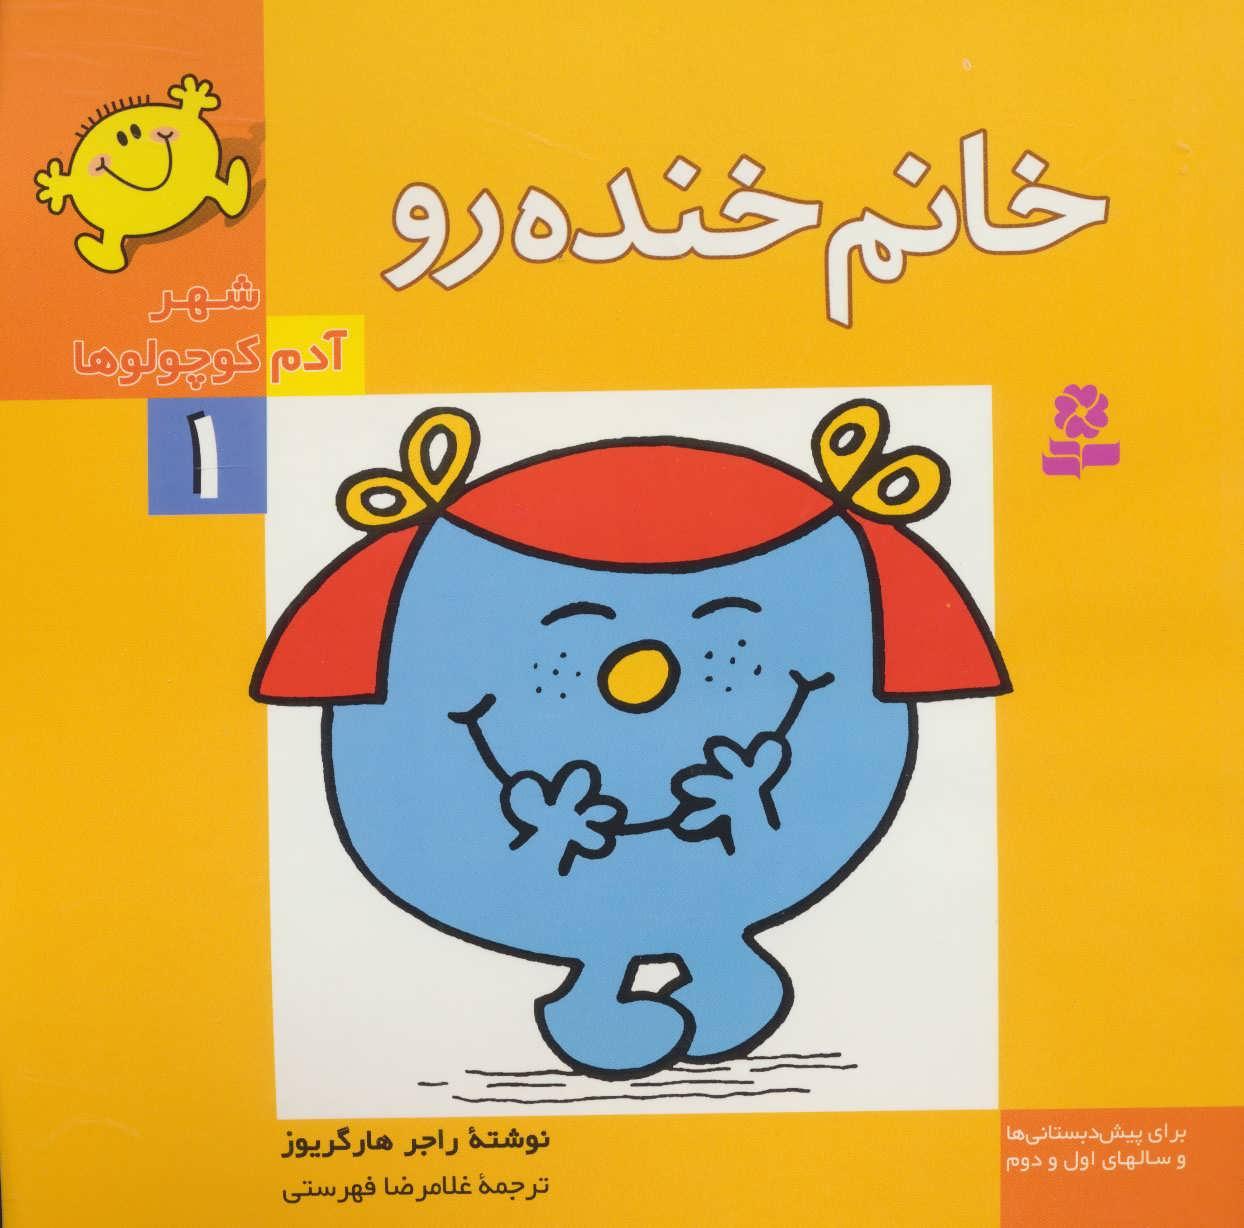 کتاب خانم خندهرو